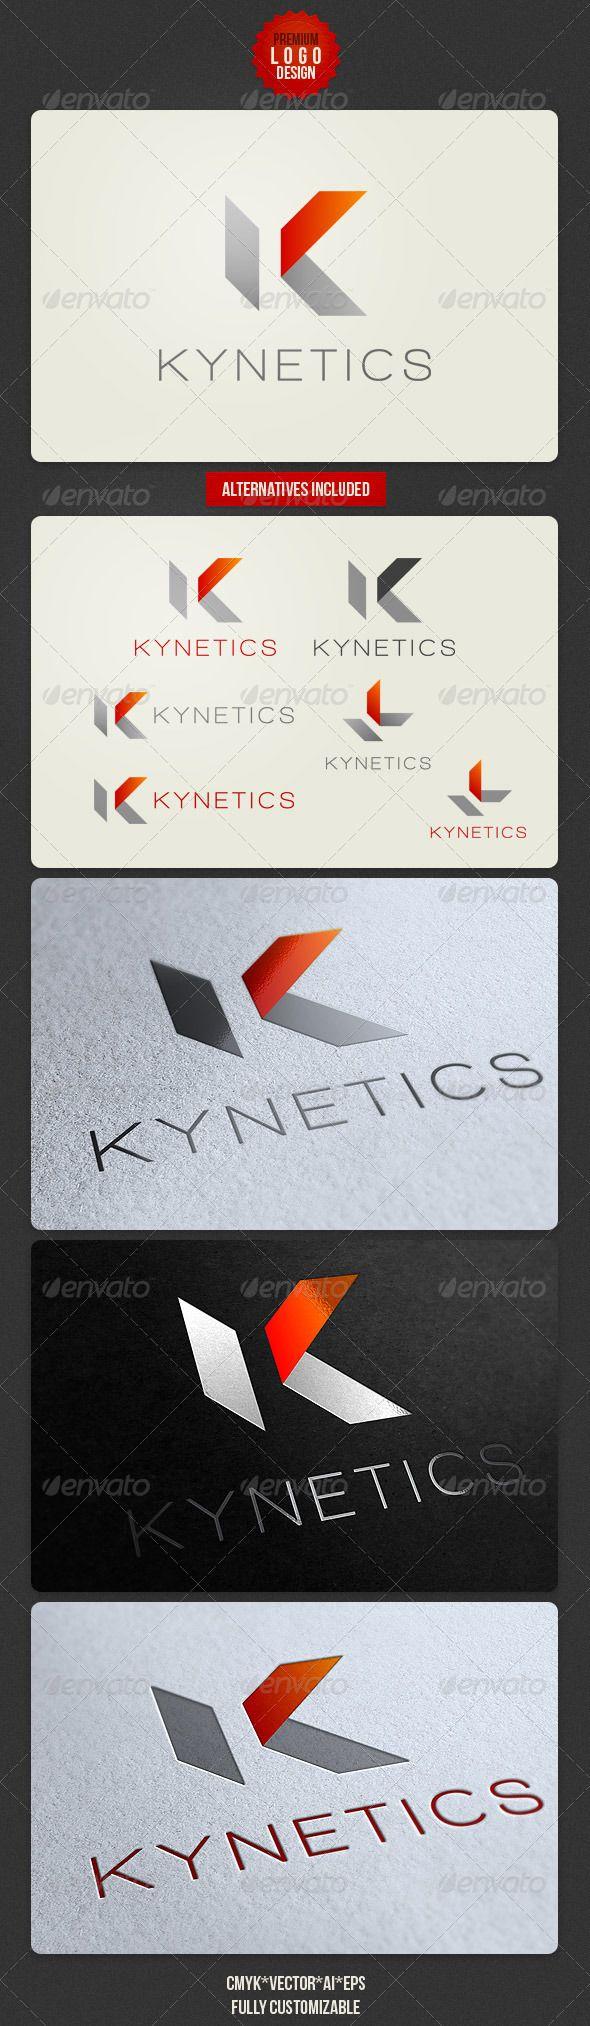 Minimalistic Typographic Logo Design